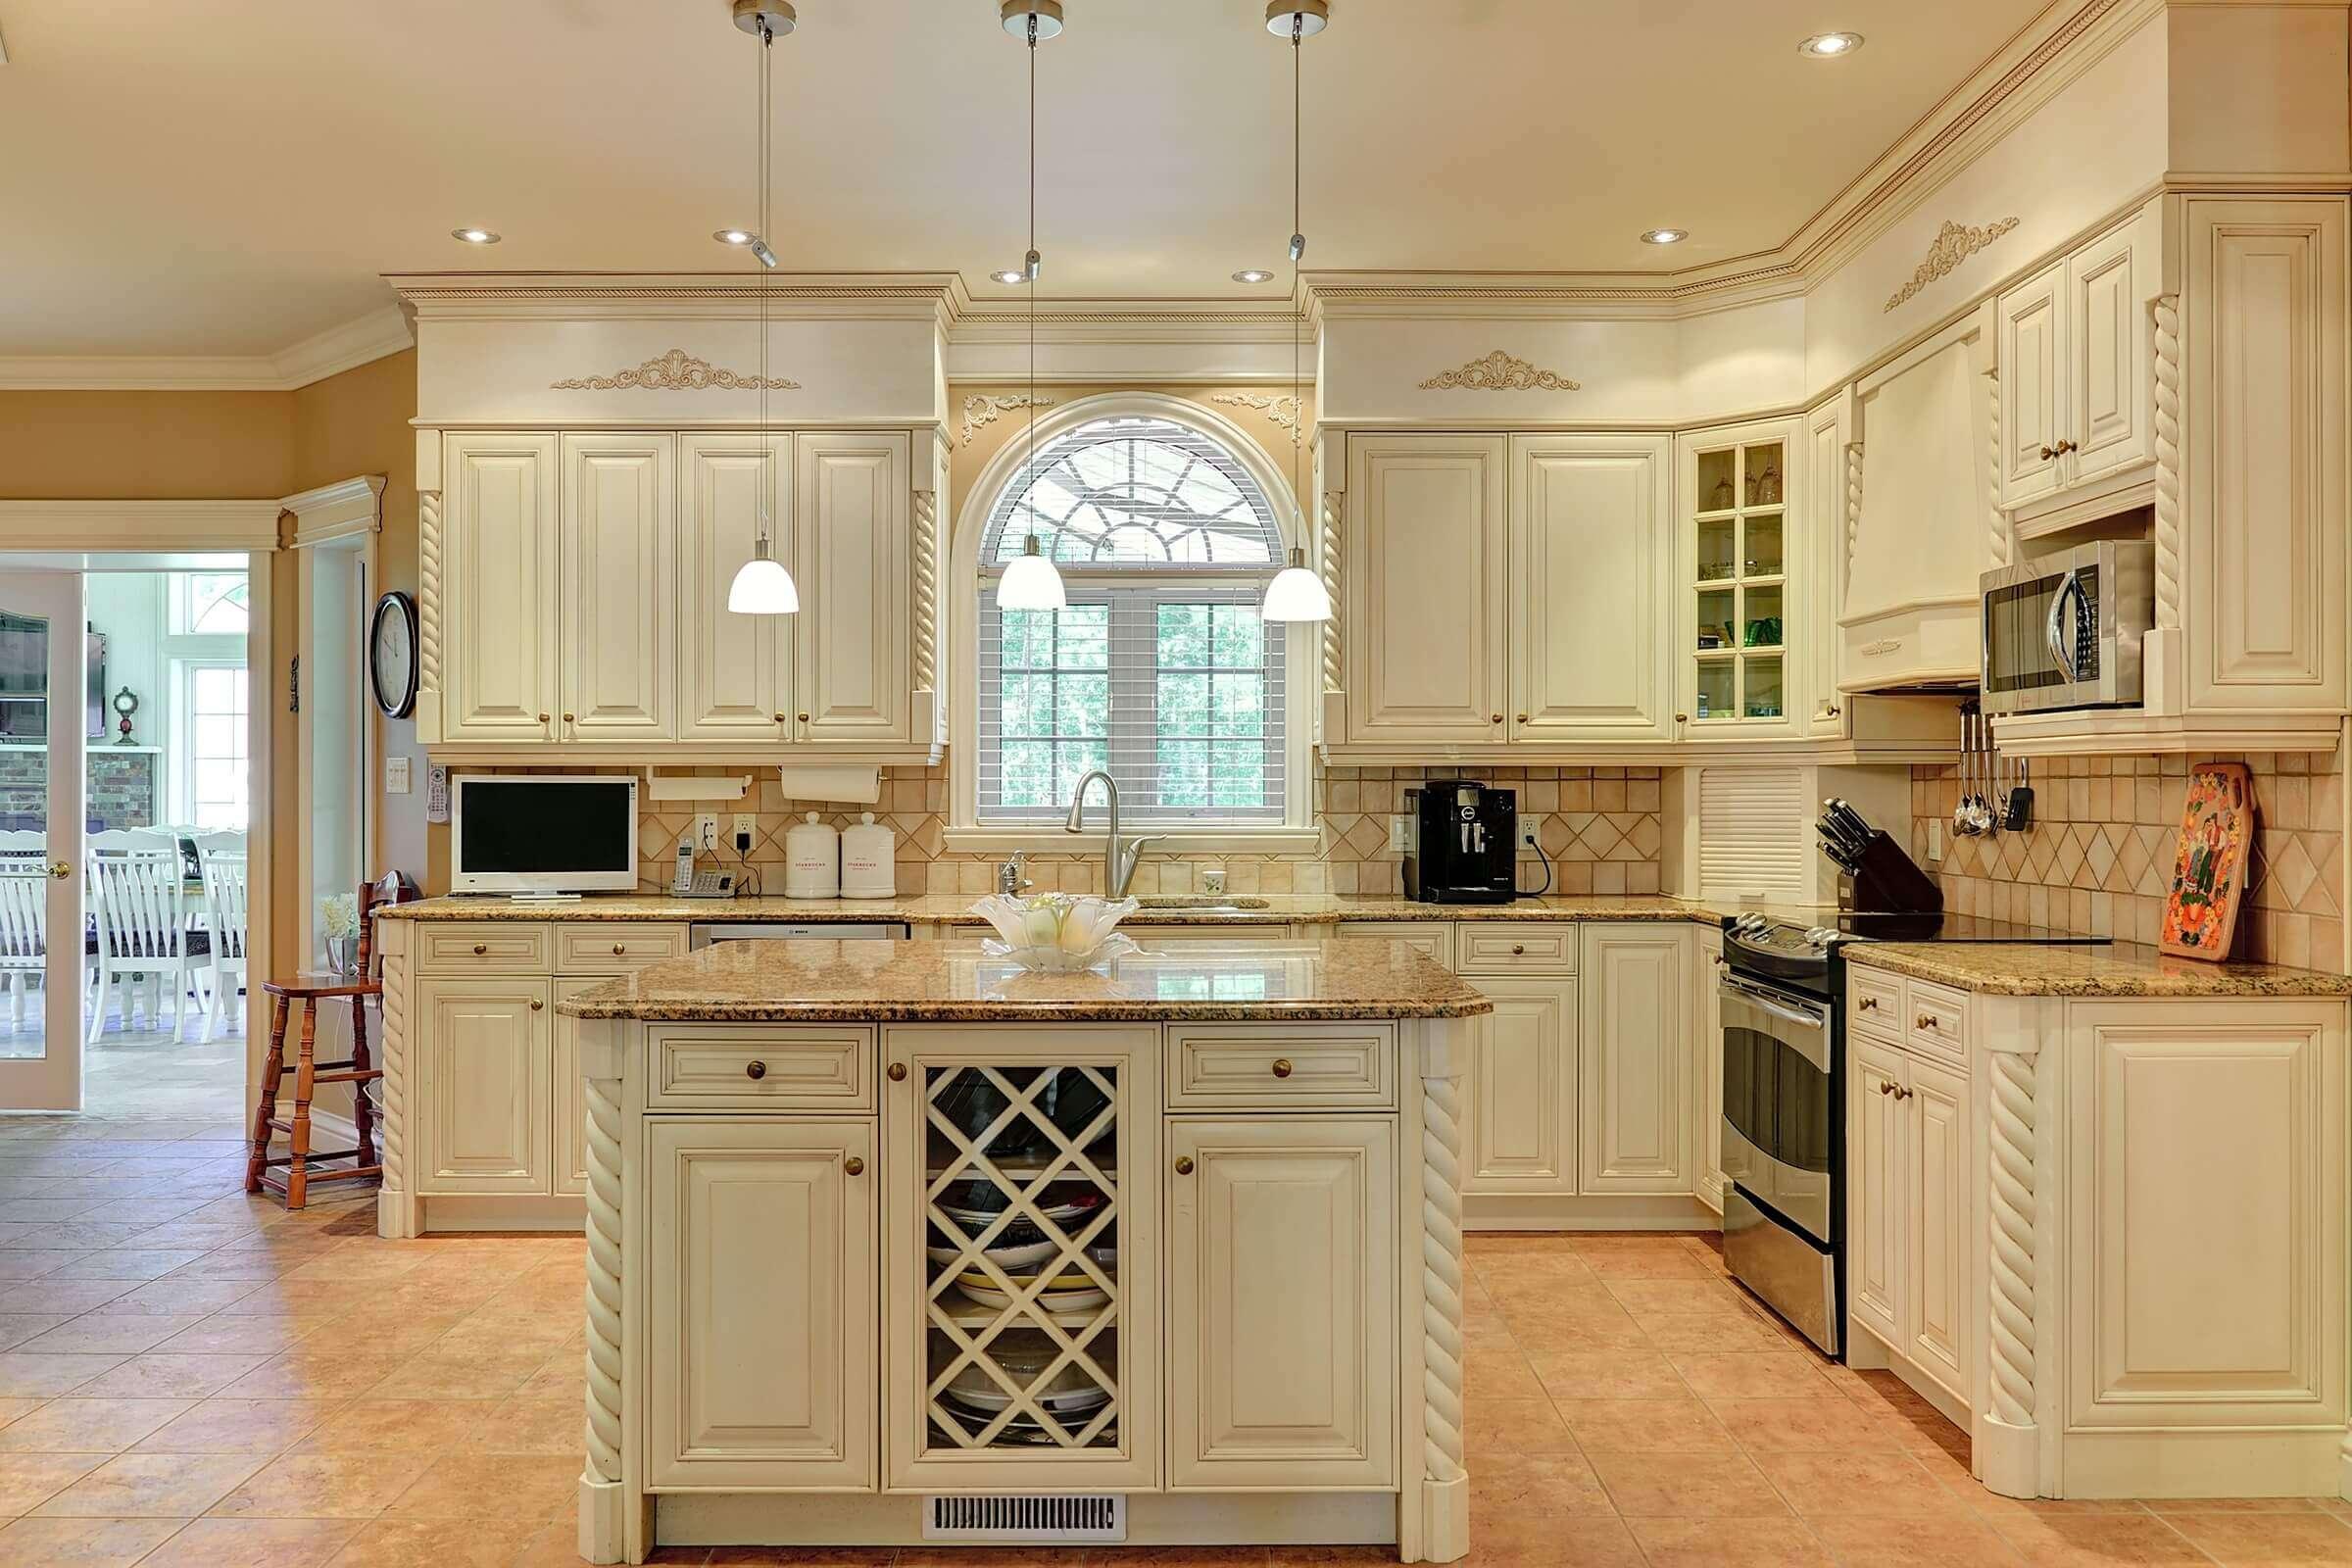 photographe immobilier cuisine intérieure